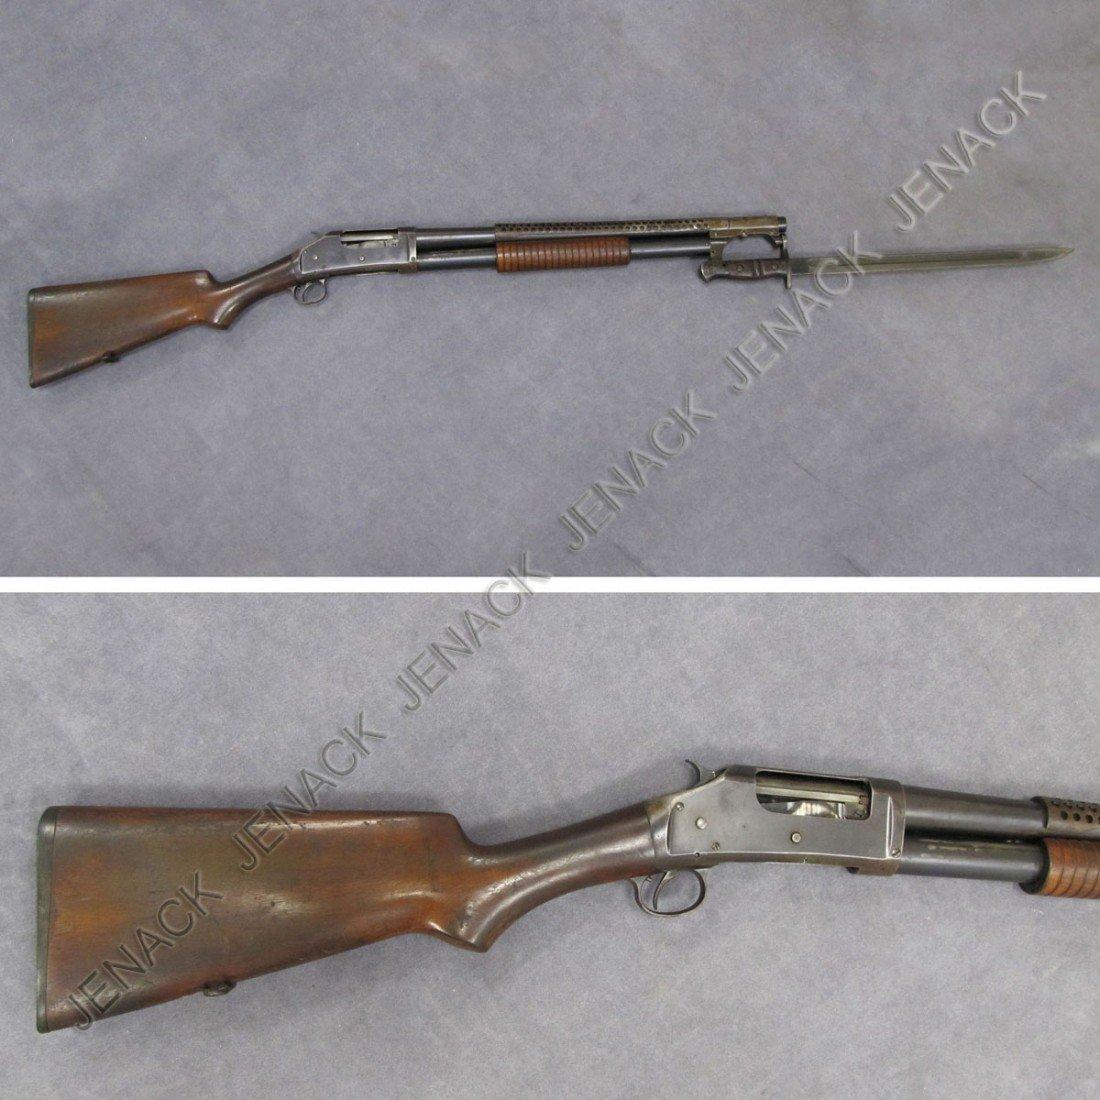 95: **NICS CHECK** WINCHESTER MODEL 1897 SHOT GUN